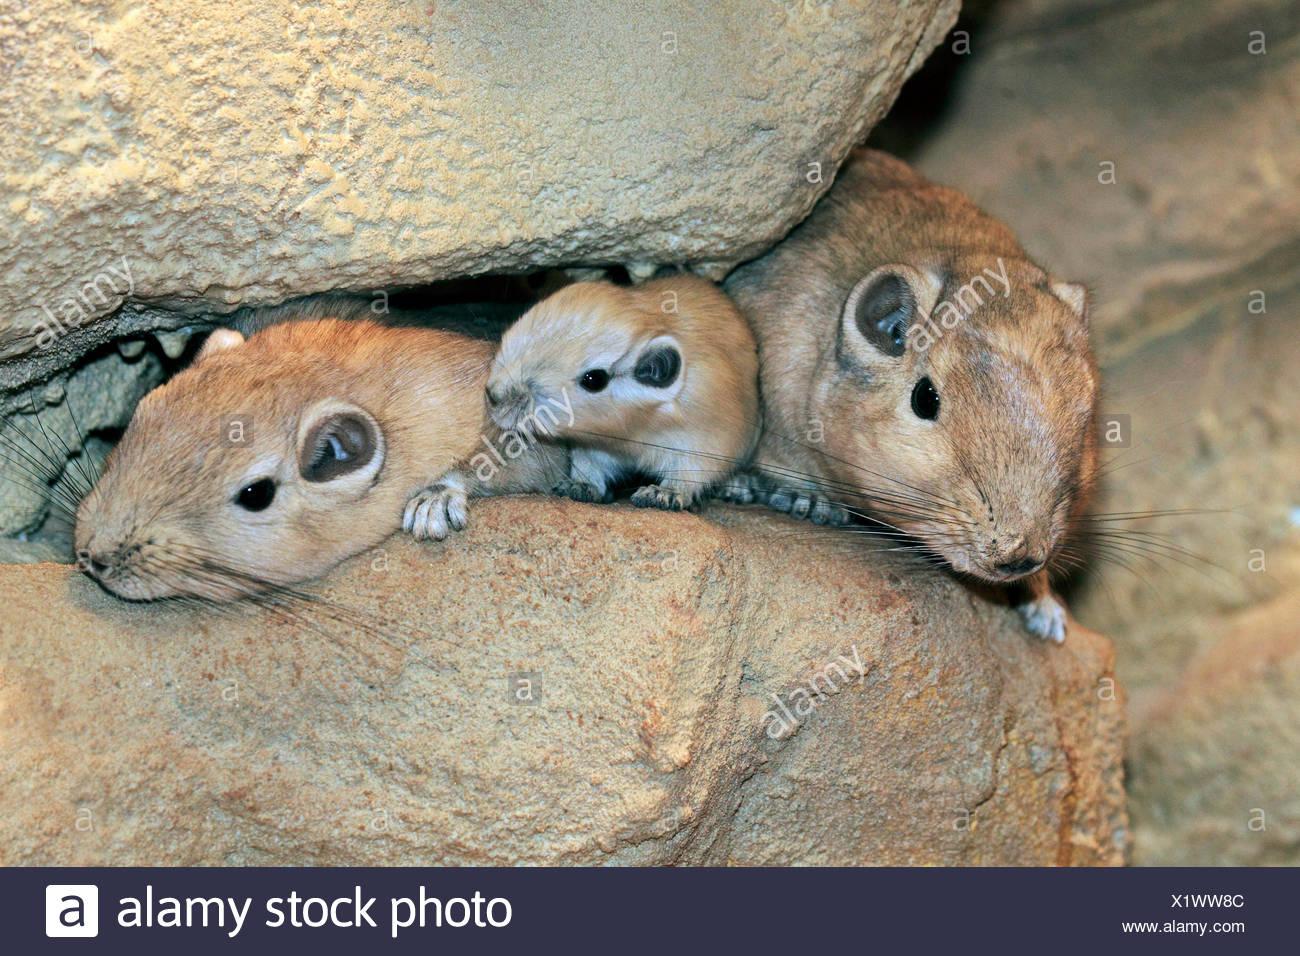 gundi (Ctenodactylus gundi), with pups between rocks - Stock Image